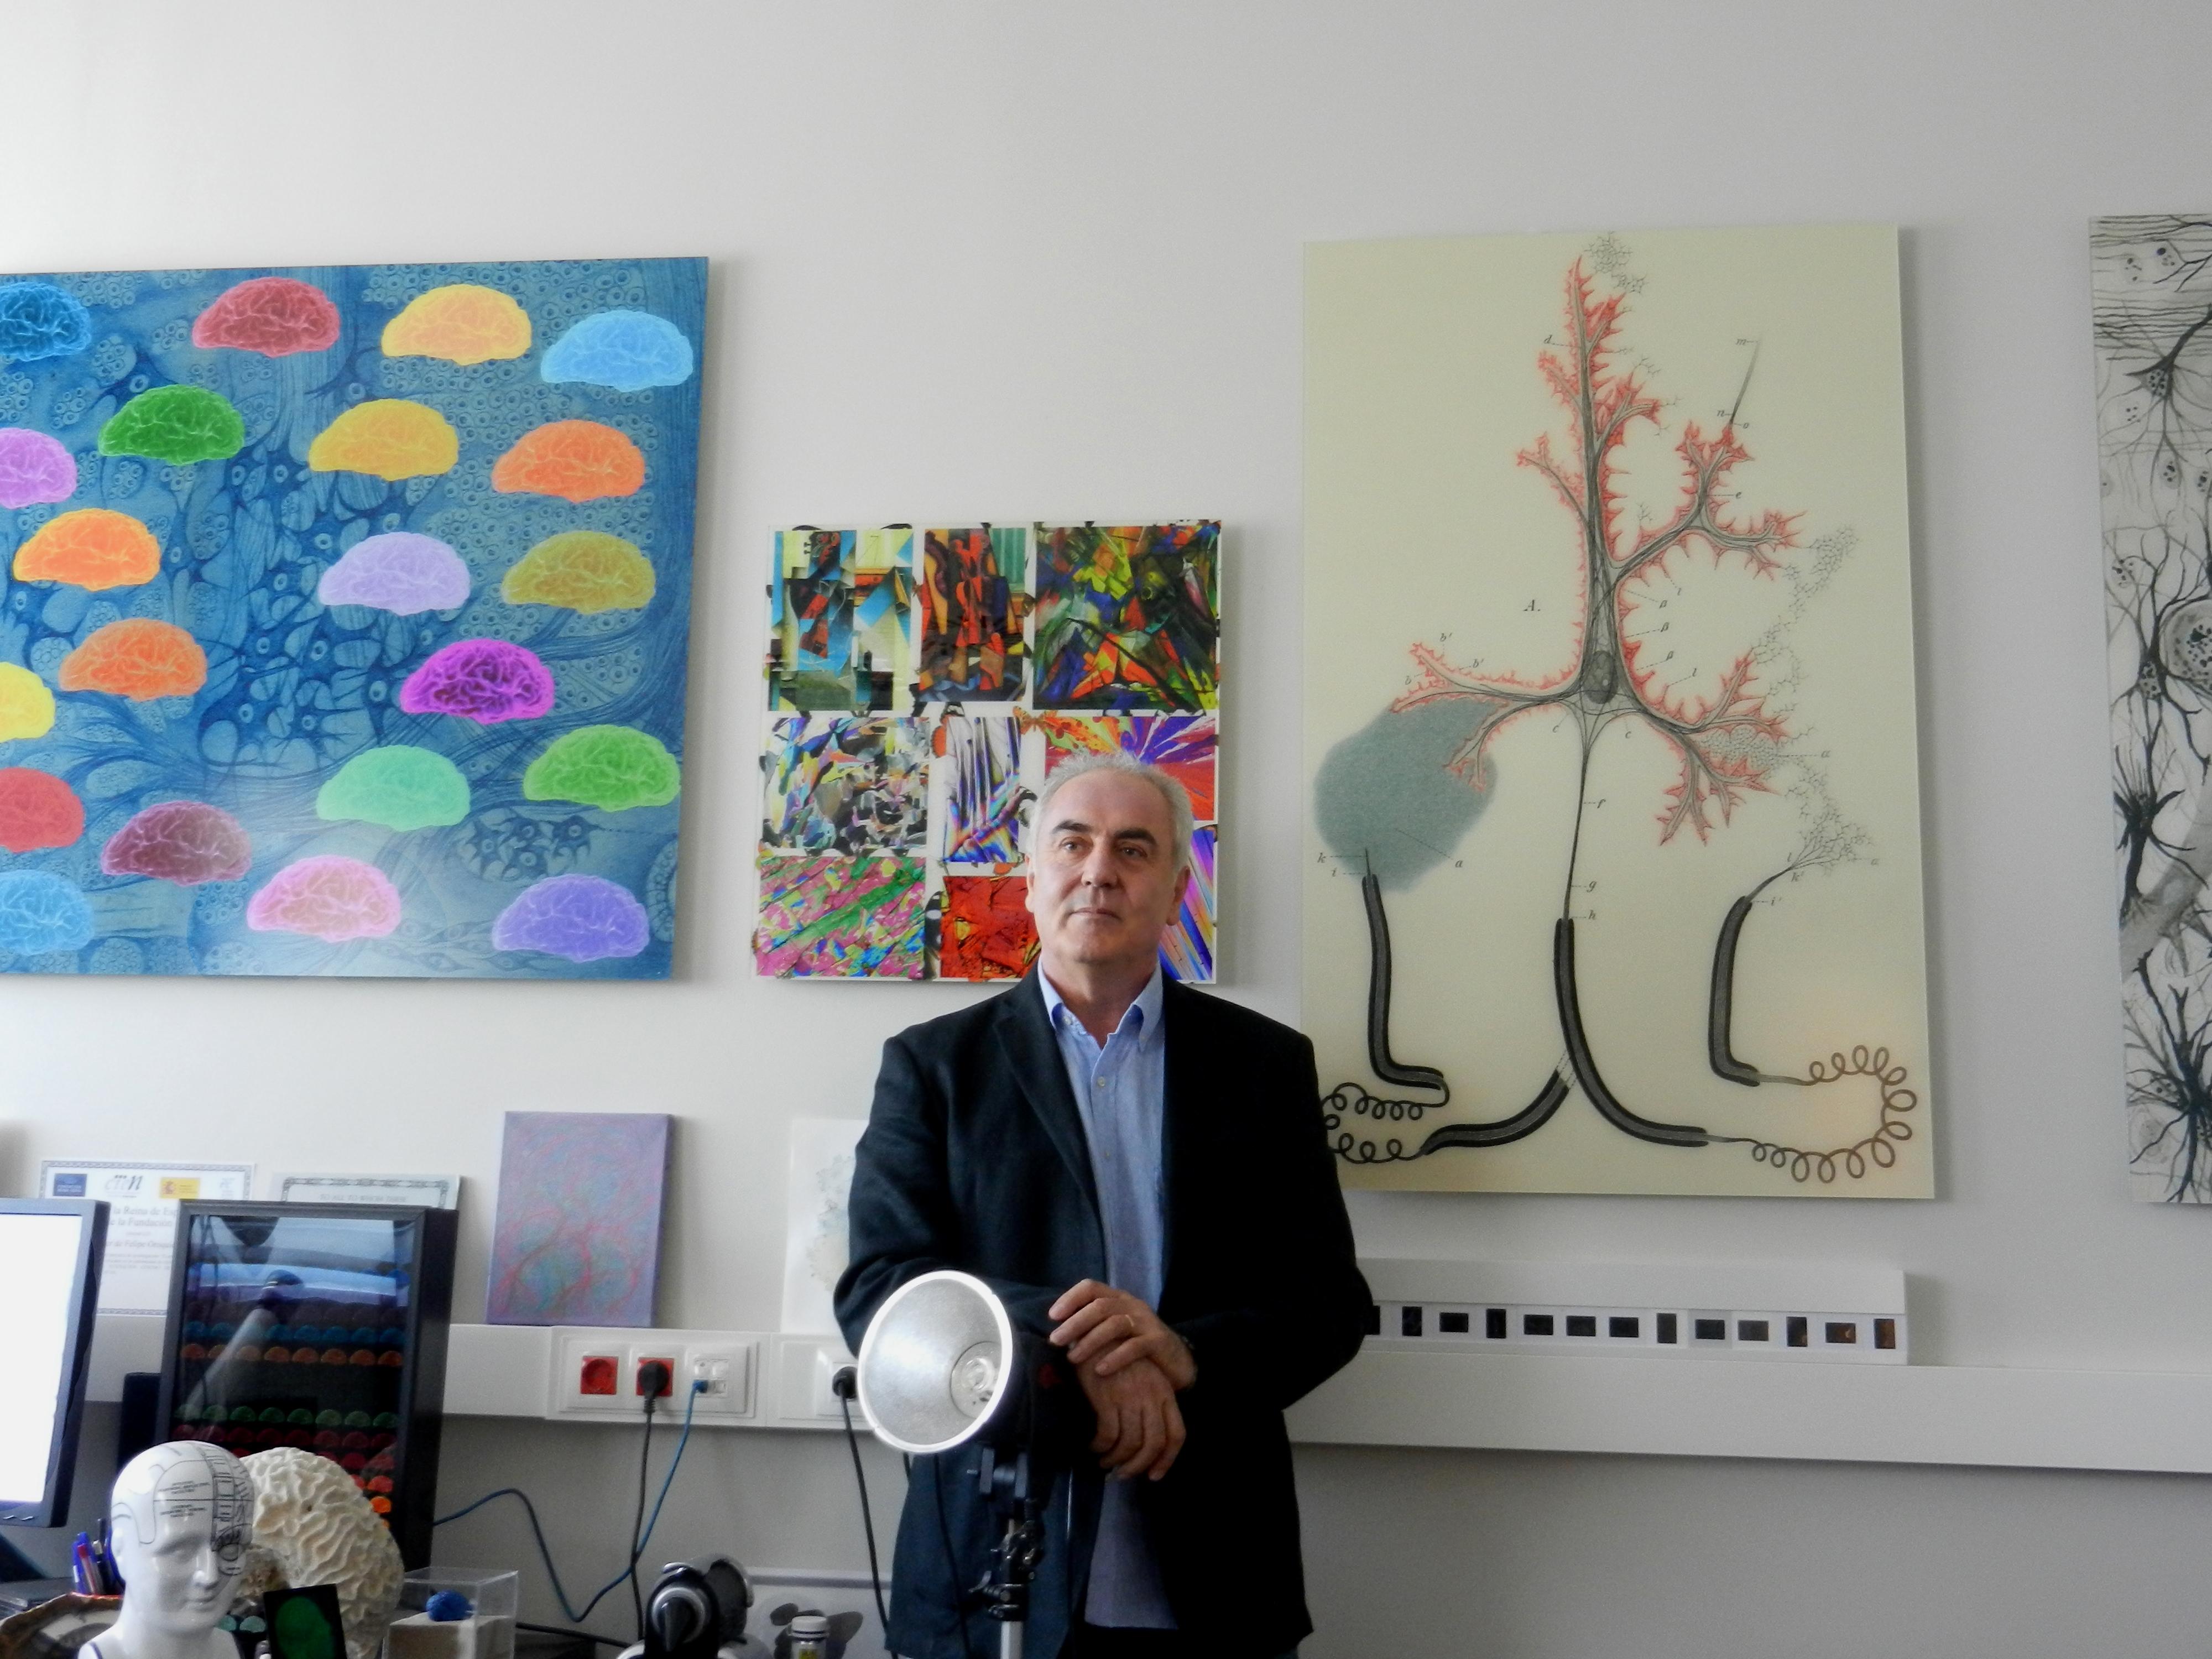 «Análisis del cerebro: Innovación tecnológica y estrategia interdisciplinar» por Javier de Felipe